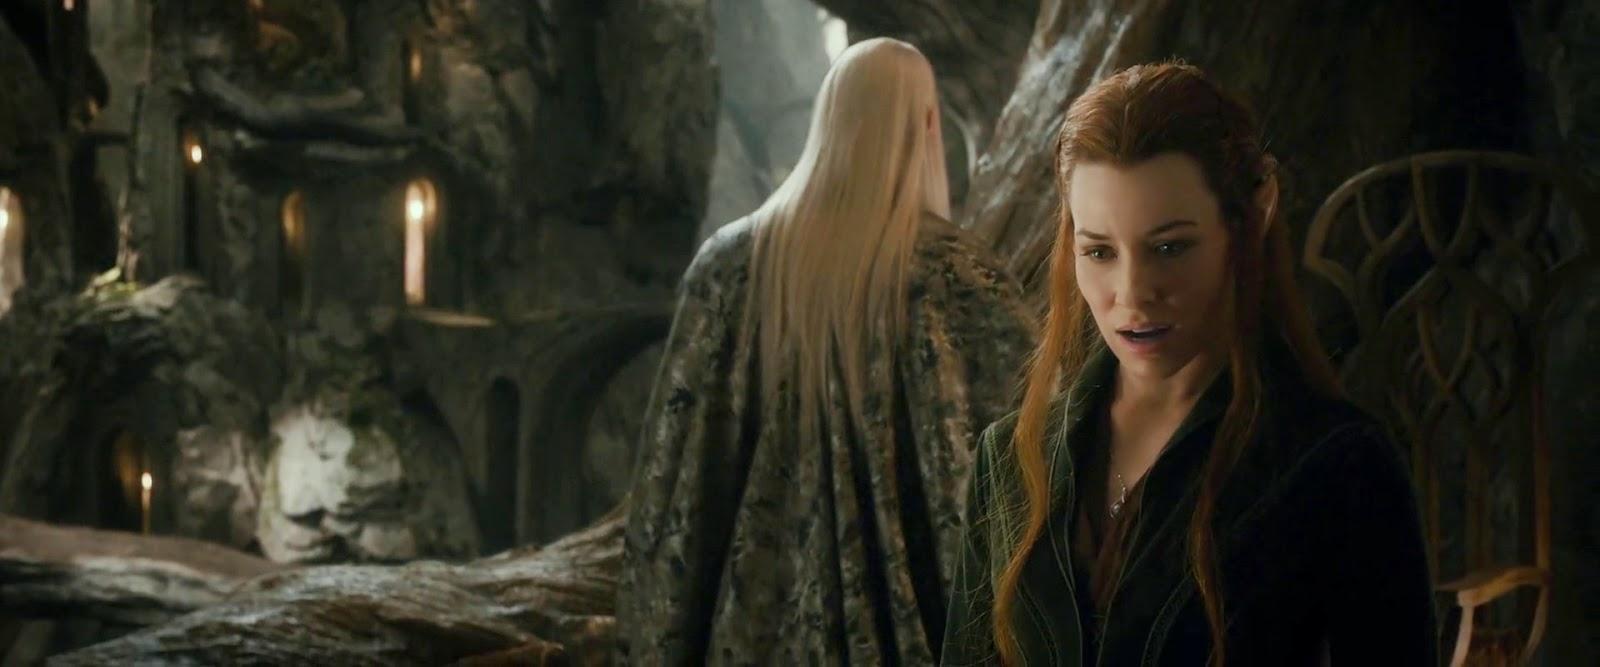 Desolation Of Smaug (2013) S4 s The Hobbit: The Desolation Of Smaug